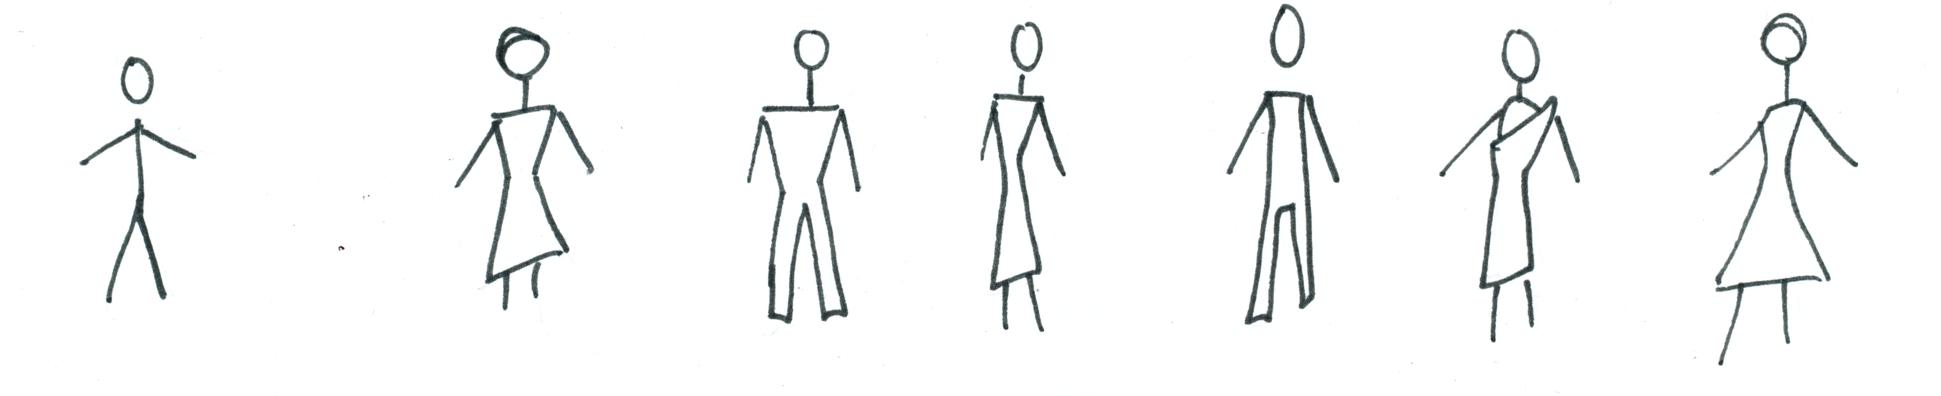 transgender-101-book-10 copy.png